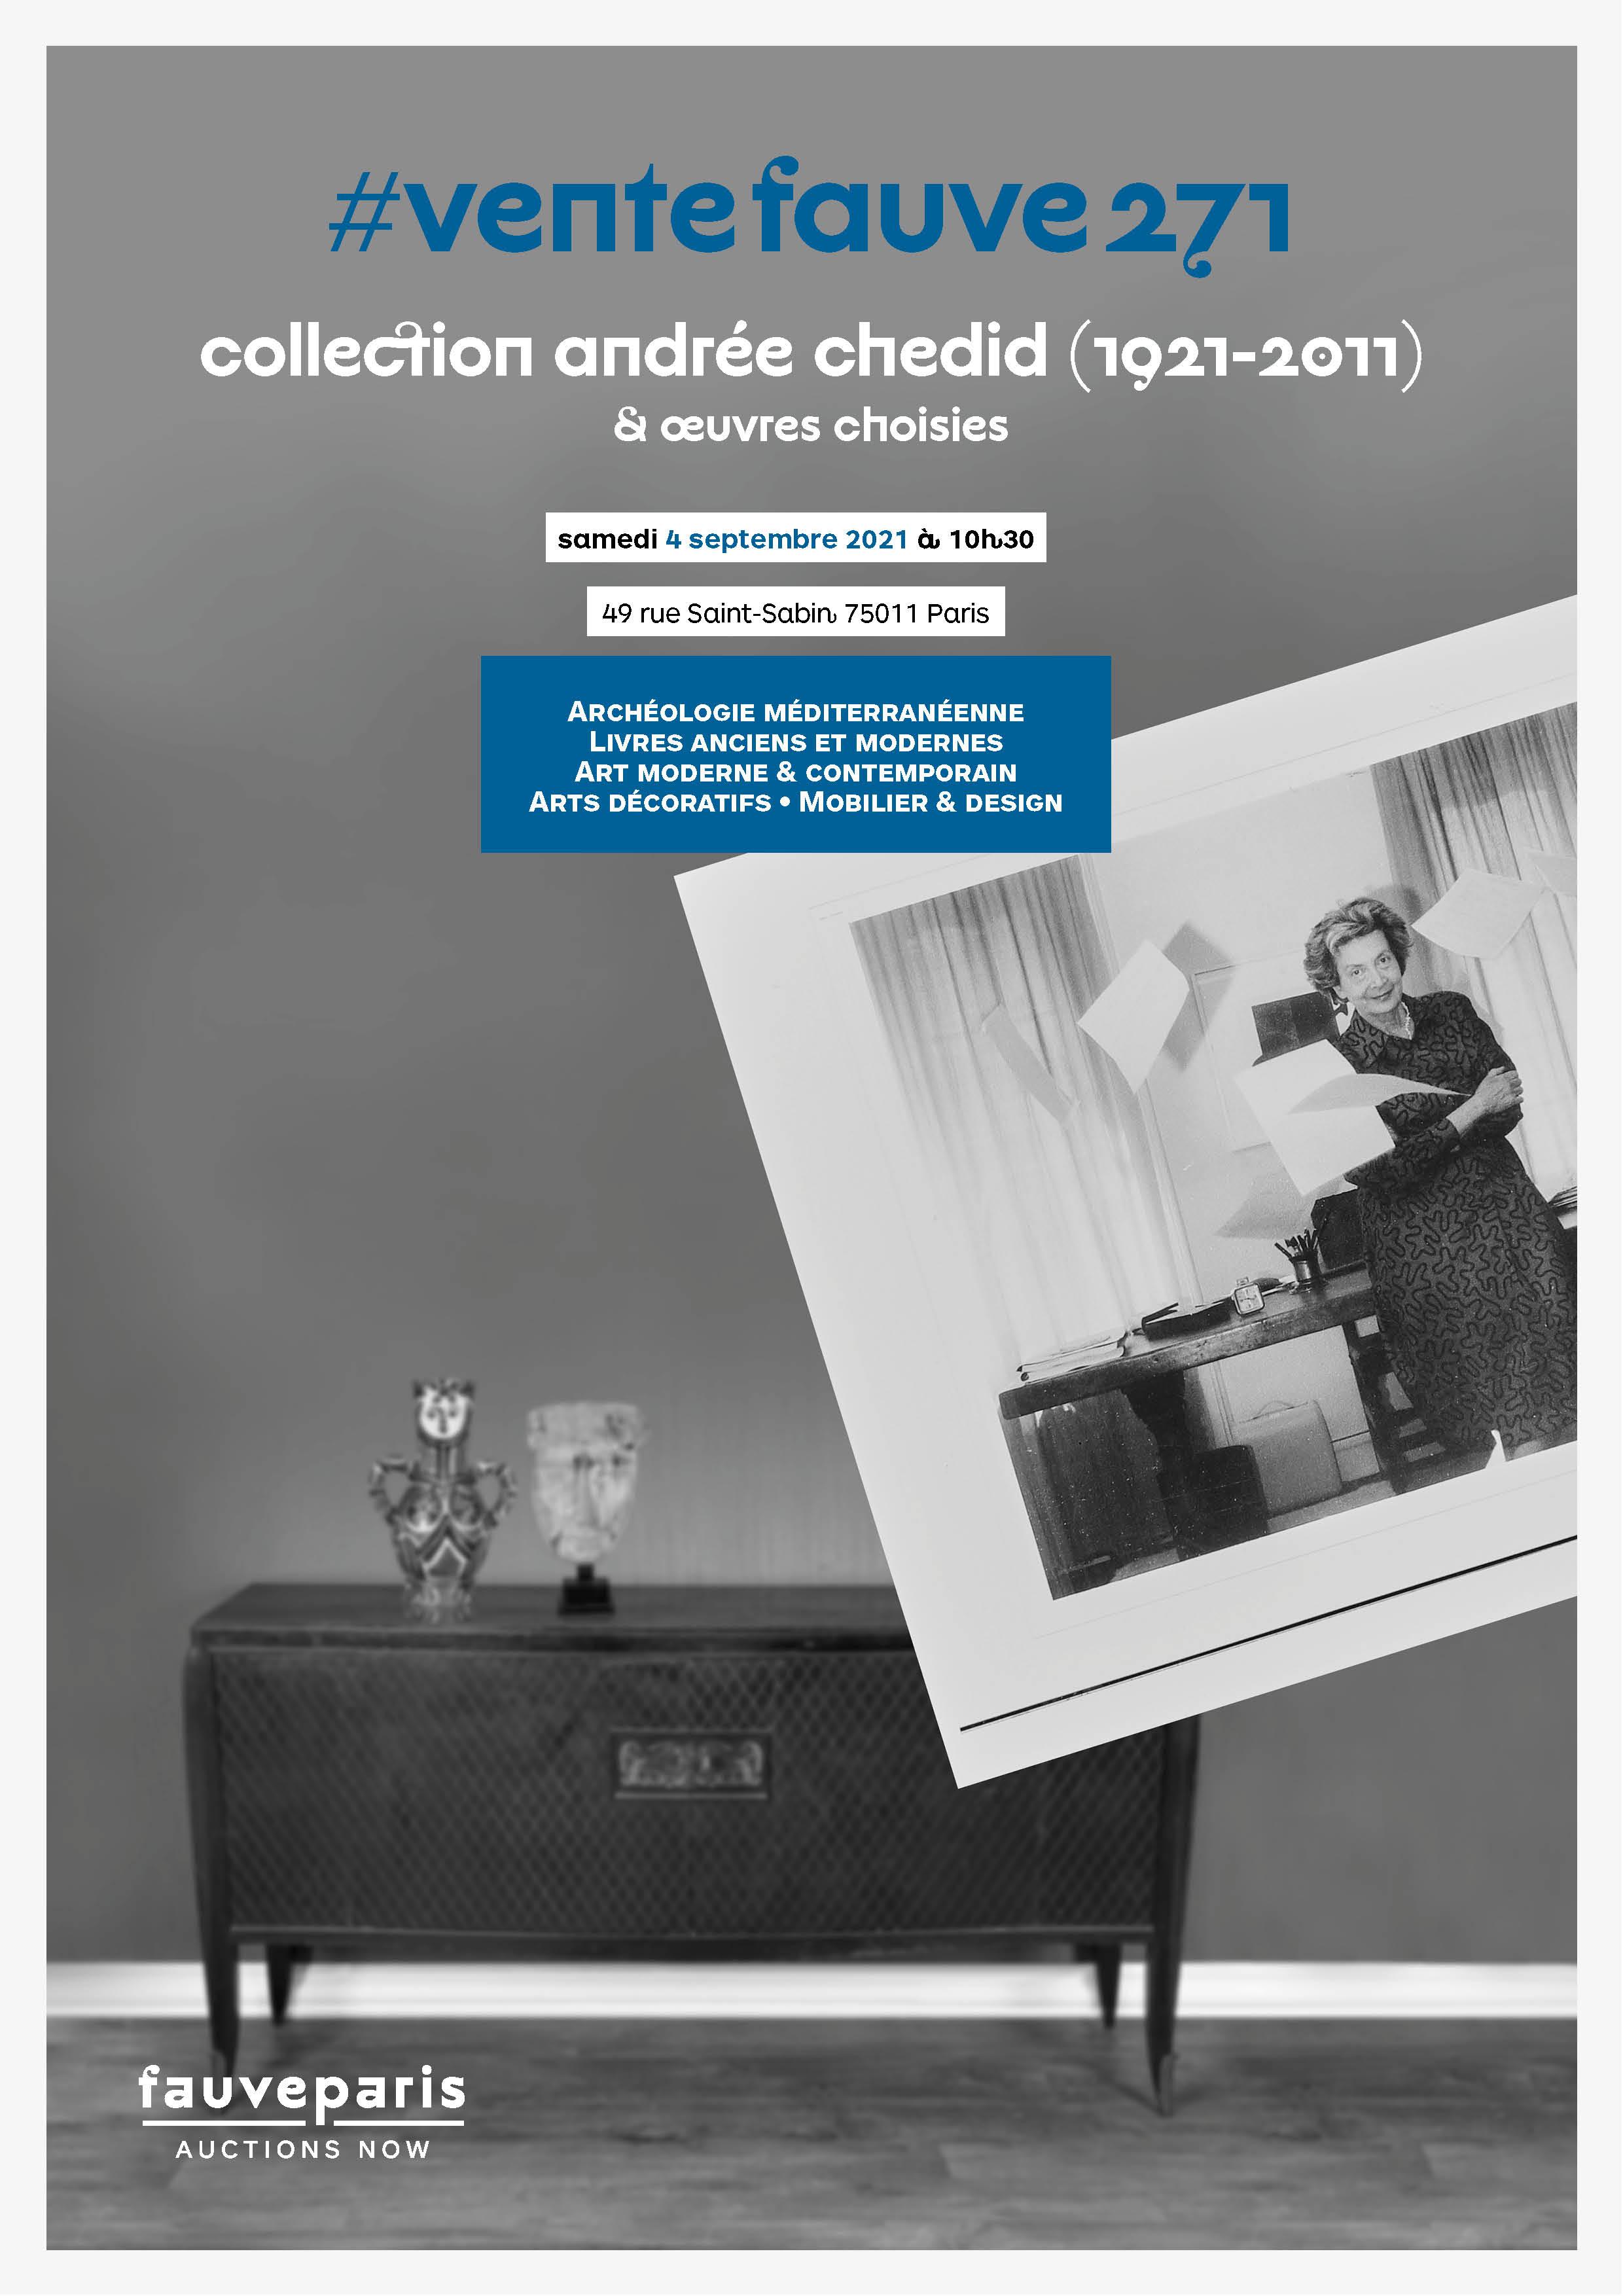 Vente Archéologie méditerranéenne • Livres anciens et modernes • Art moderne & contemporain • Arts décoratifs • Design chez FauveParis : 108 lots